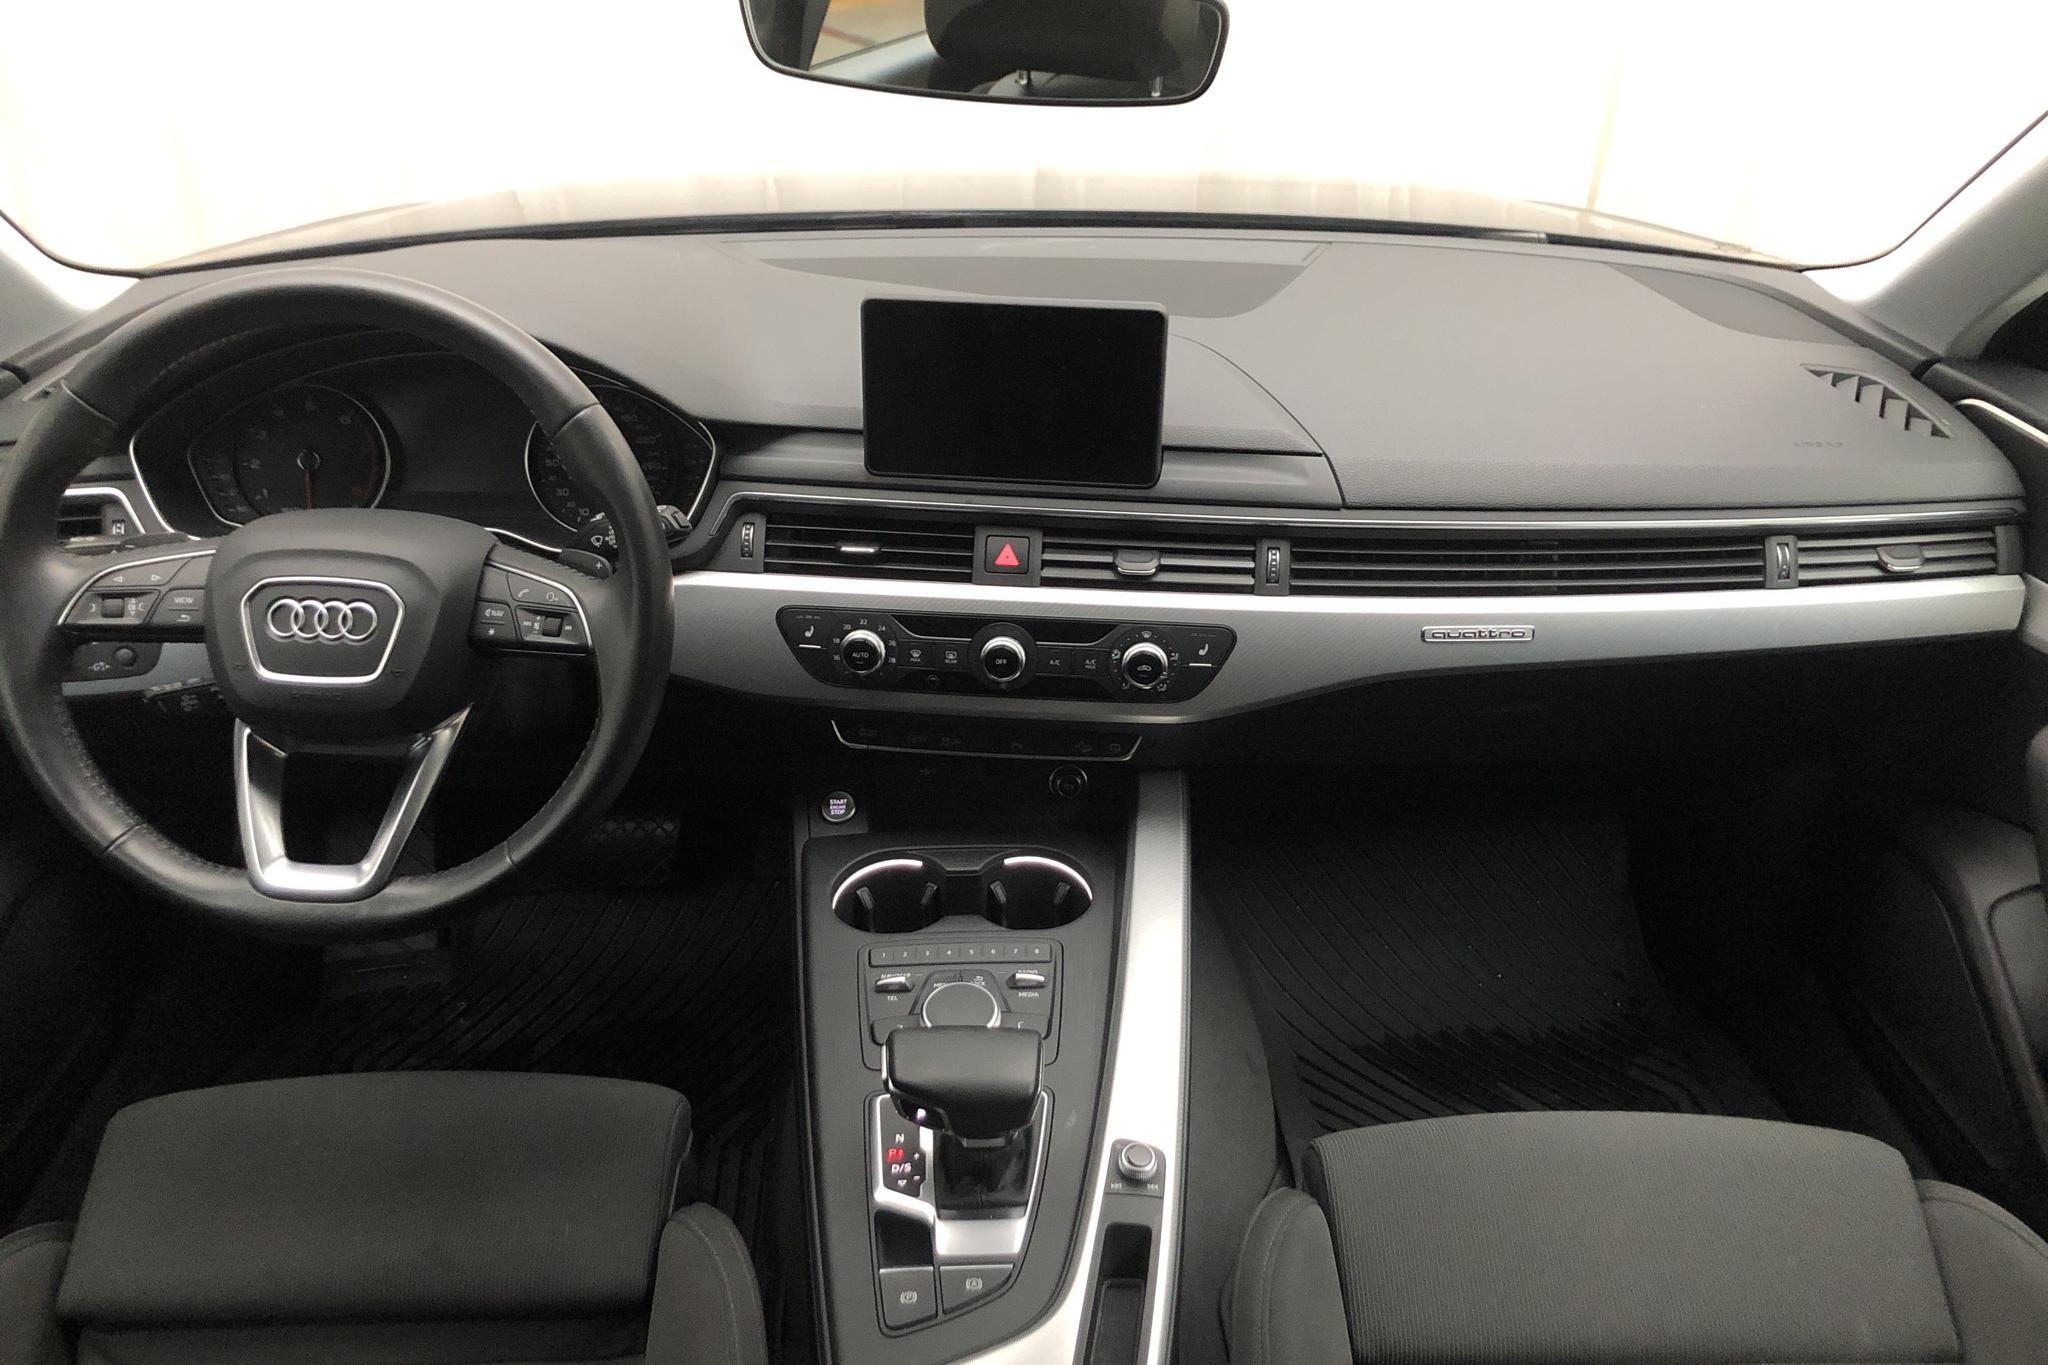 Audi A4 Allroad 2.0 TFSI quattro (252hk) - 5 641 mil - Automat - svart - 2018